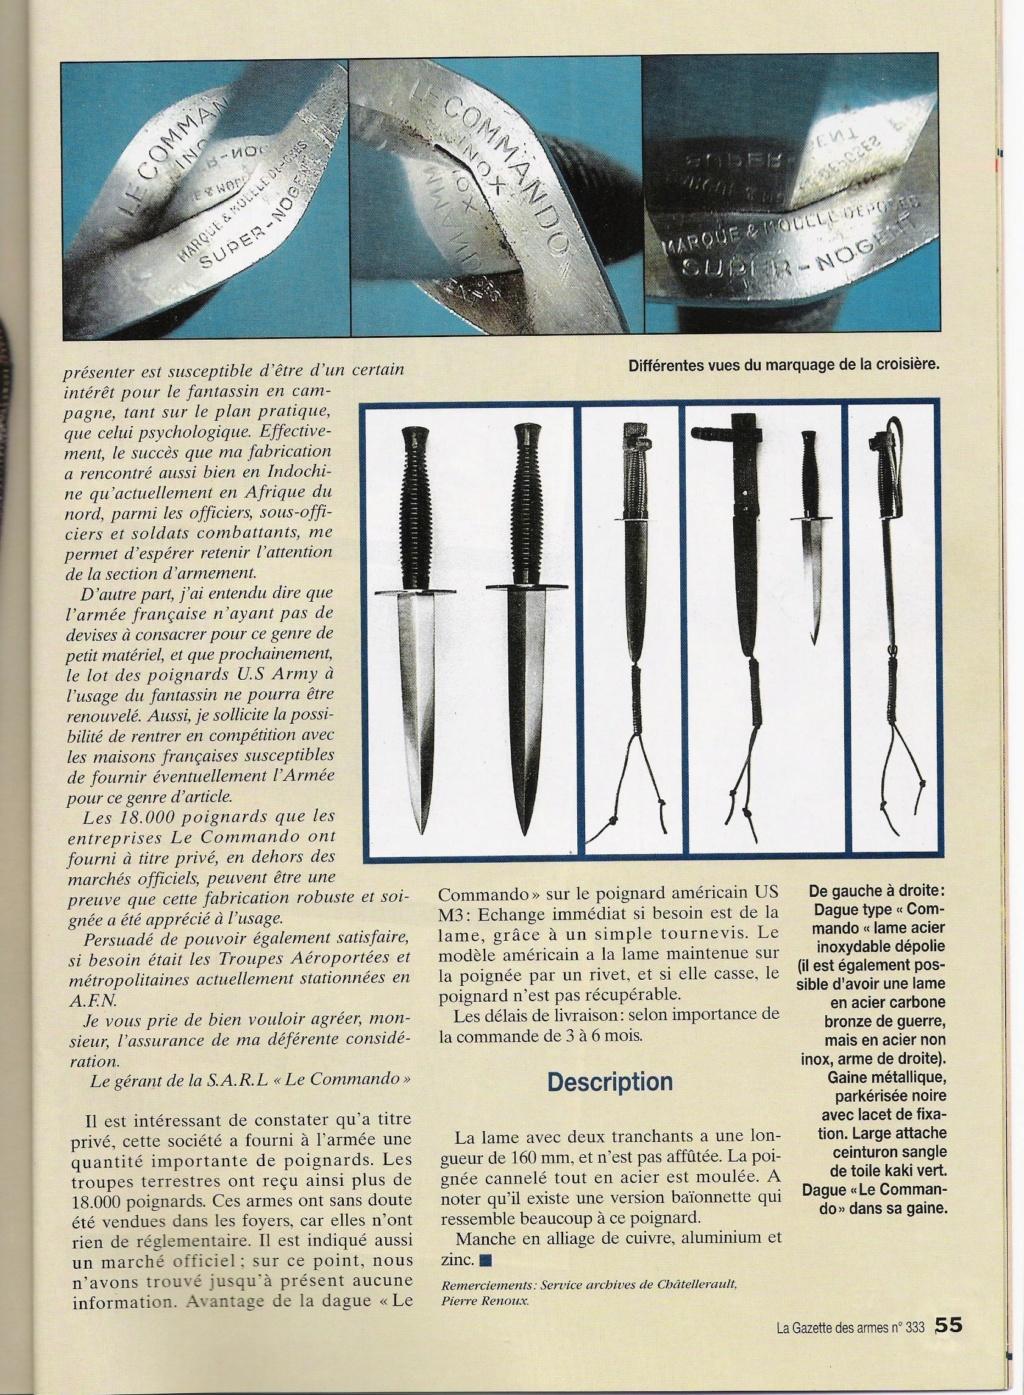 dague commando super nogent mais pas le modele clasique  - Page 2 411